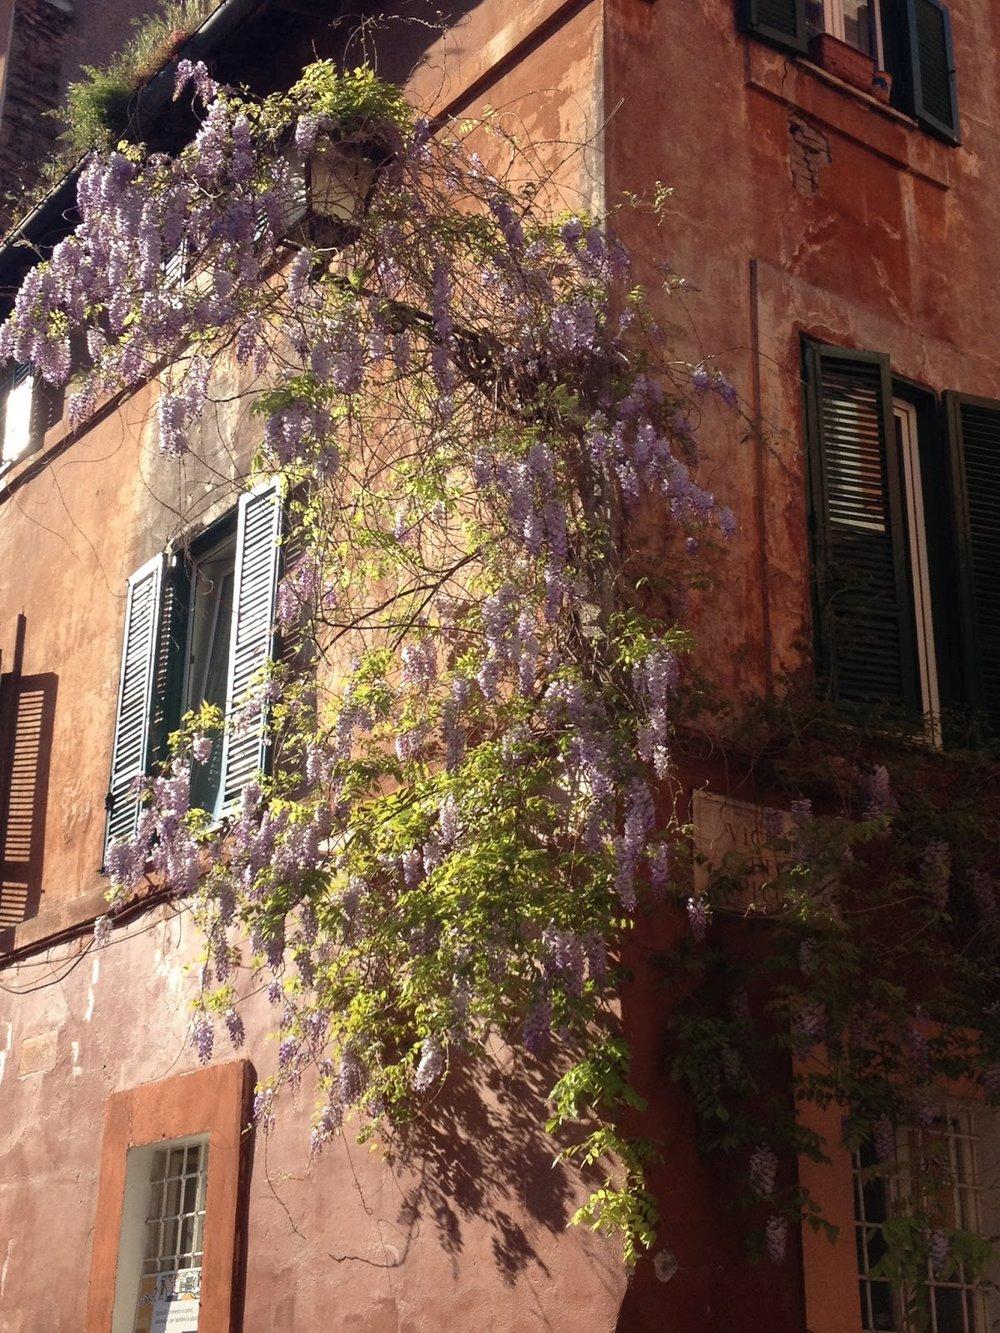 Sunny wisteria in Trastevere. © Tiffany Parks